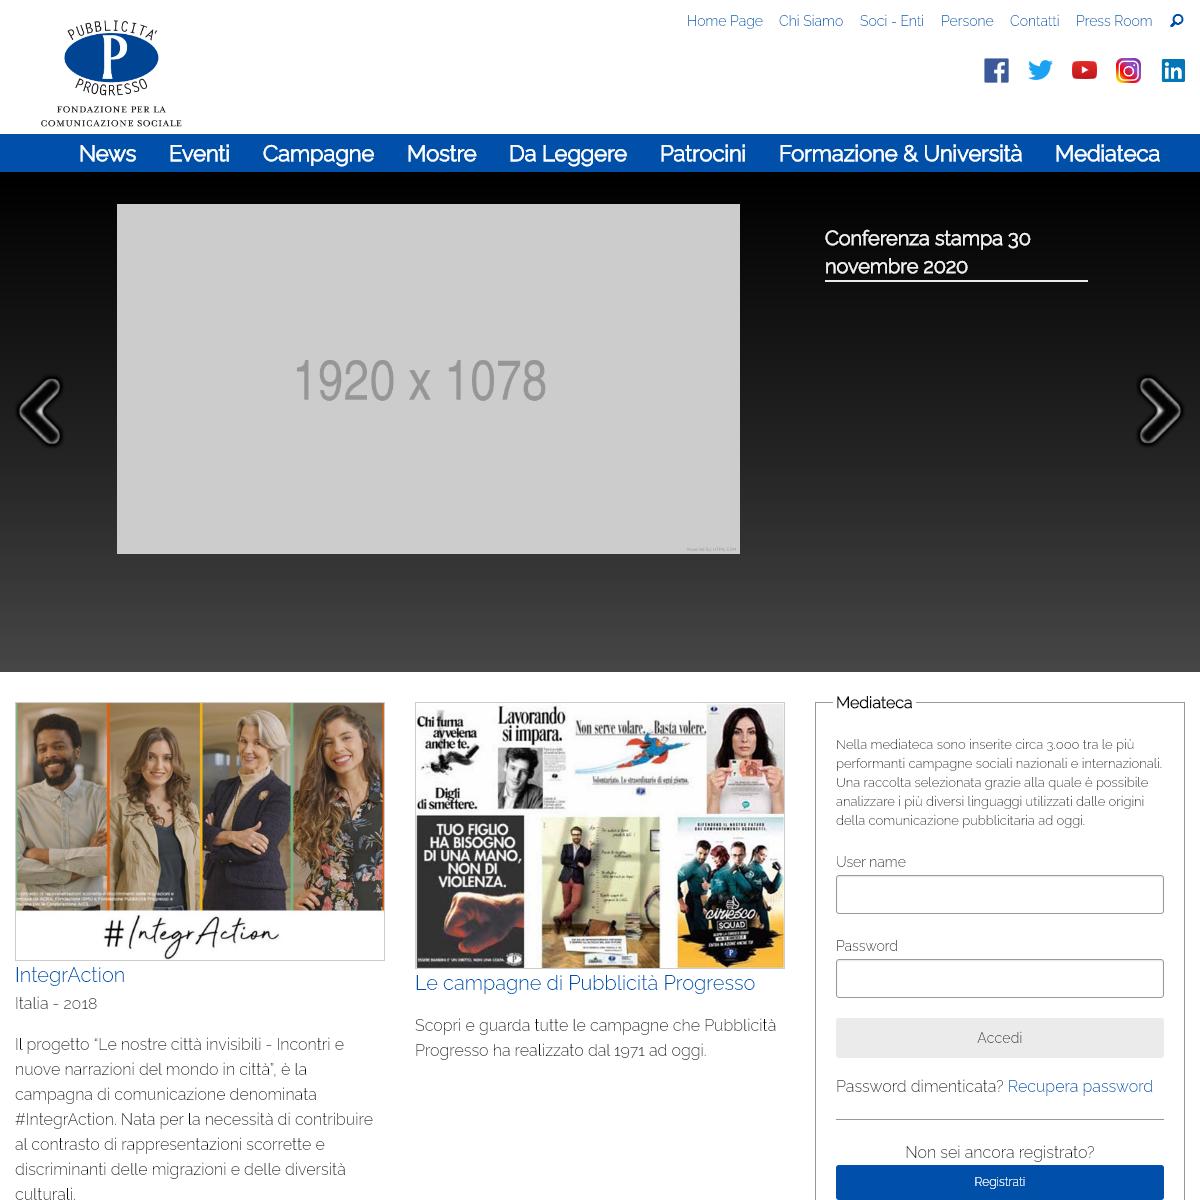 Pubblicità Progresso Fondazione per la comunicazione sociale